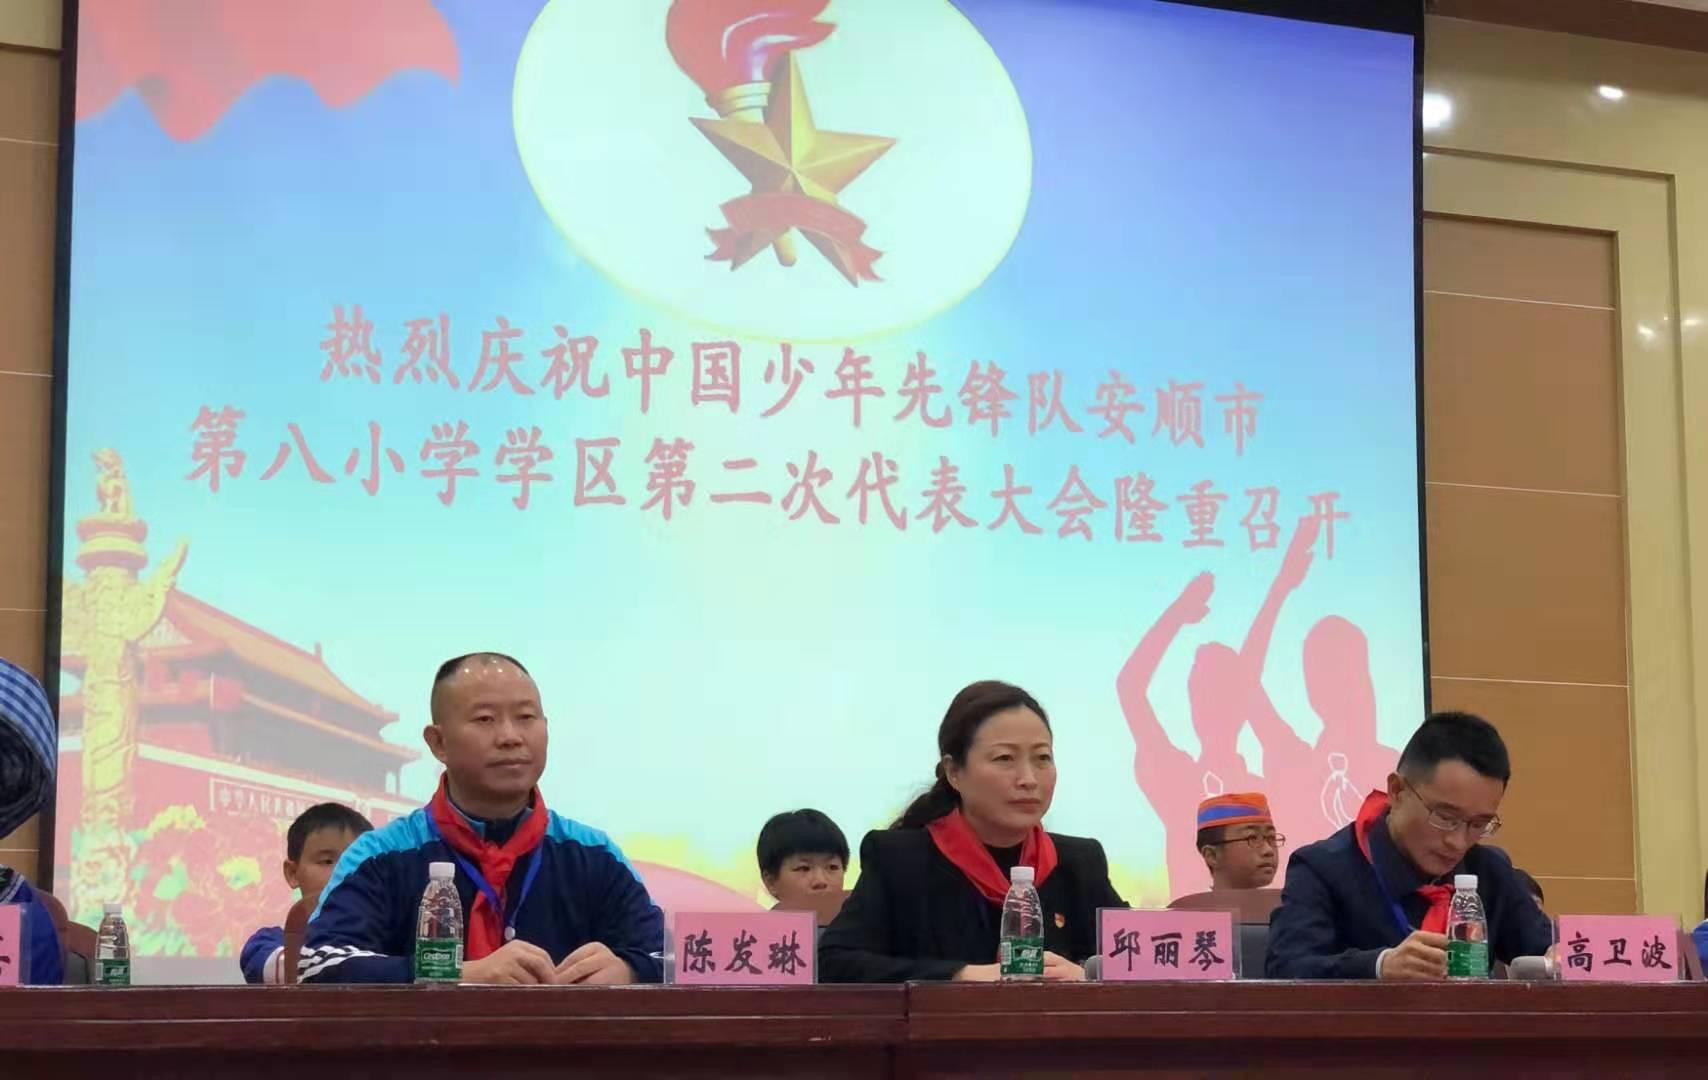 2019年10月30日陈发琳入选安顺市八小第二届少代会委员